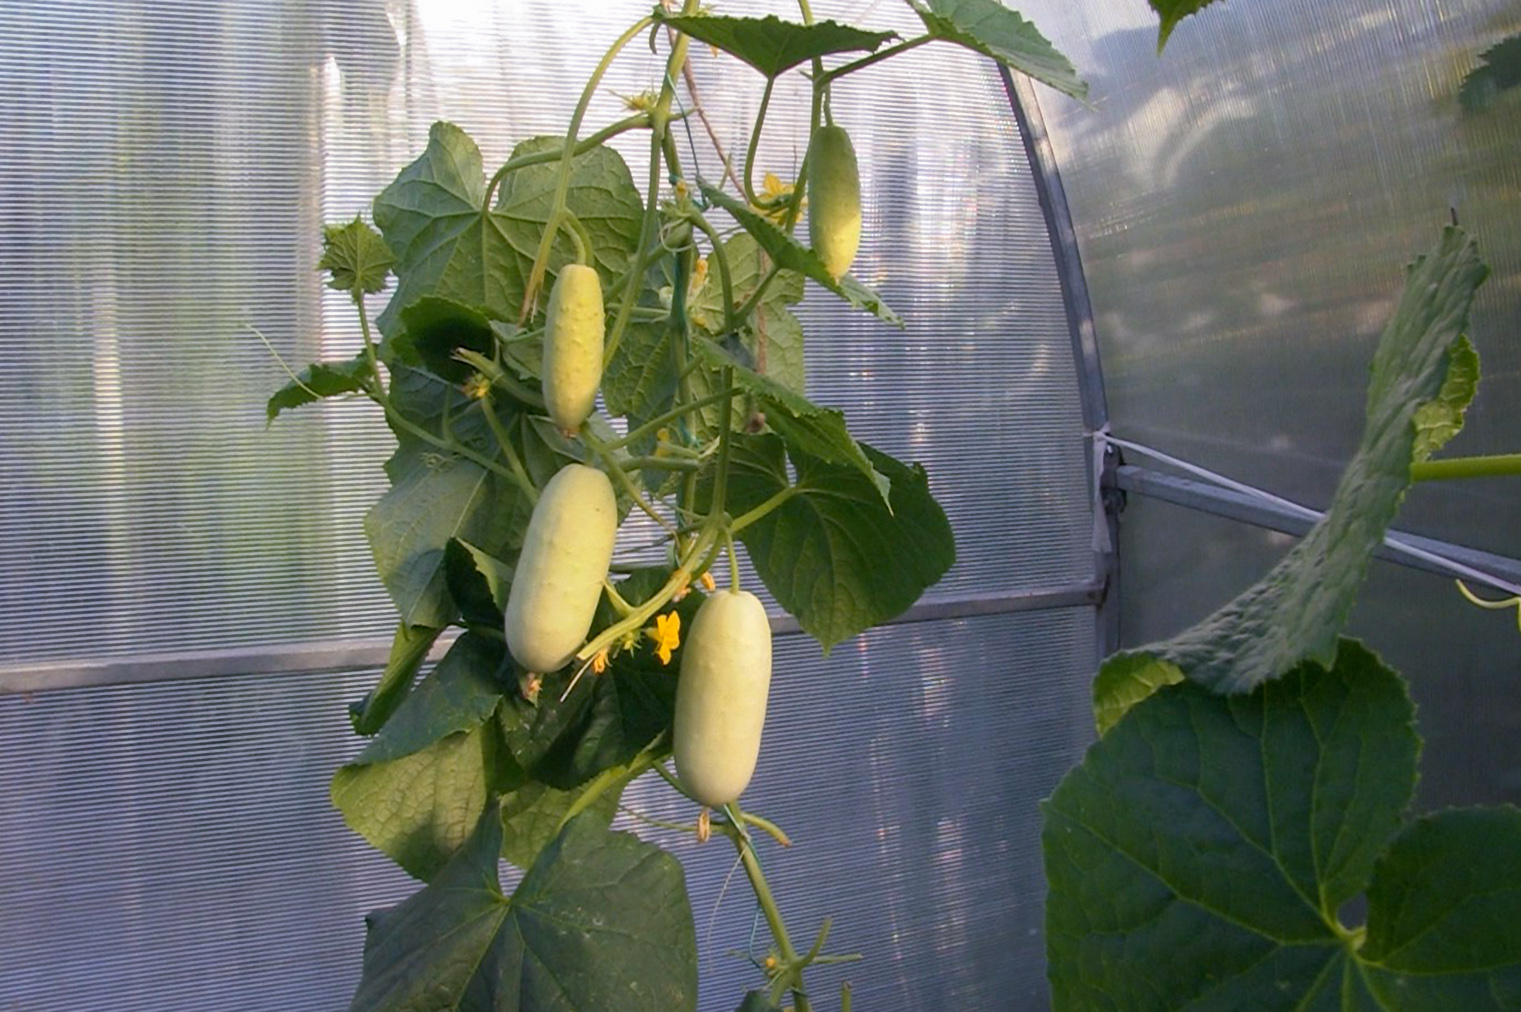 Agurkai baltais vaisiais